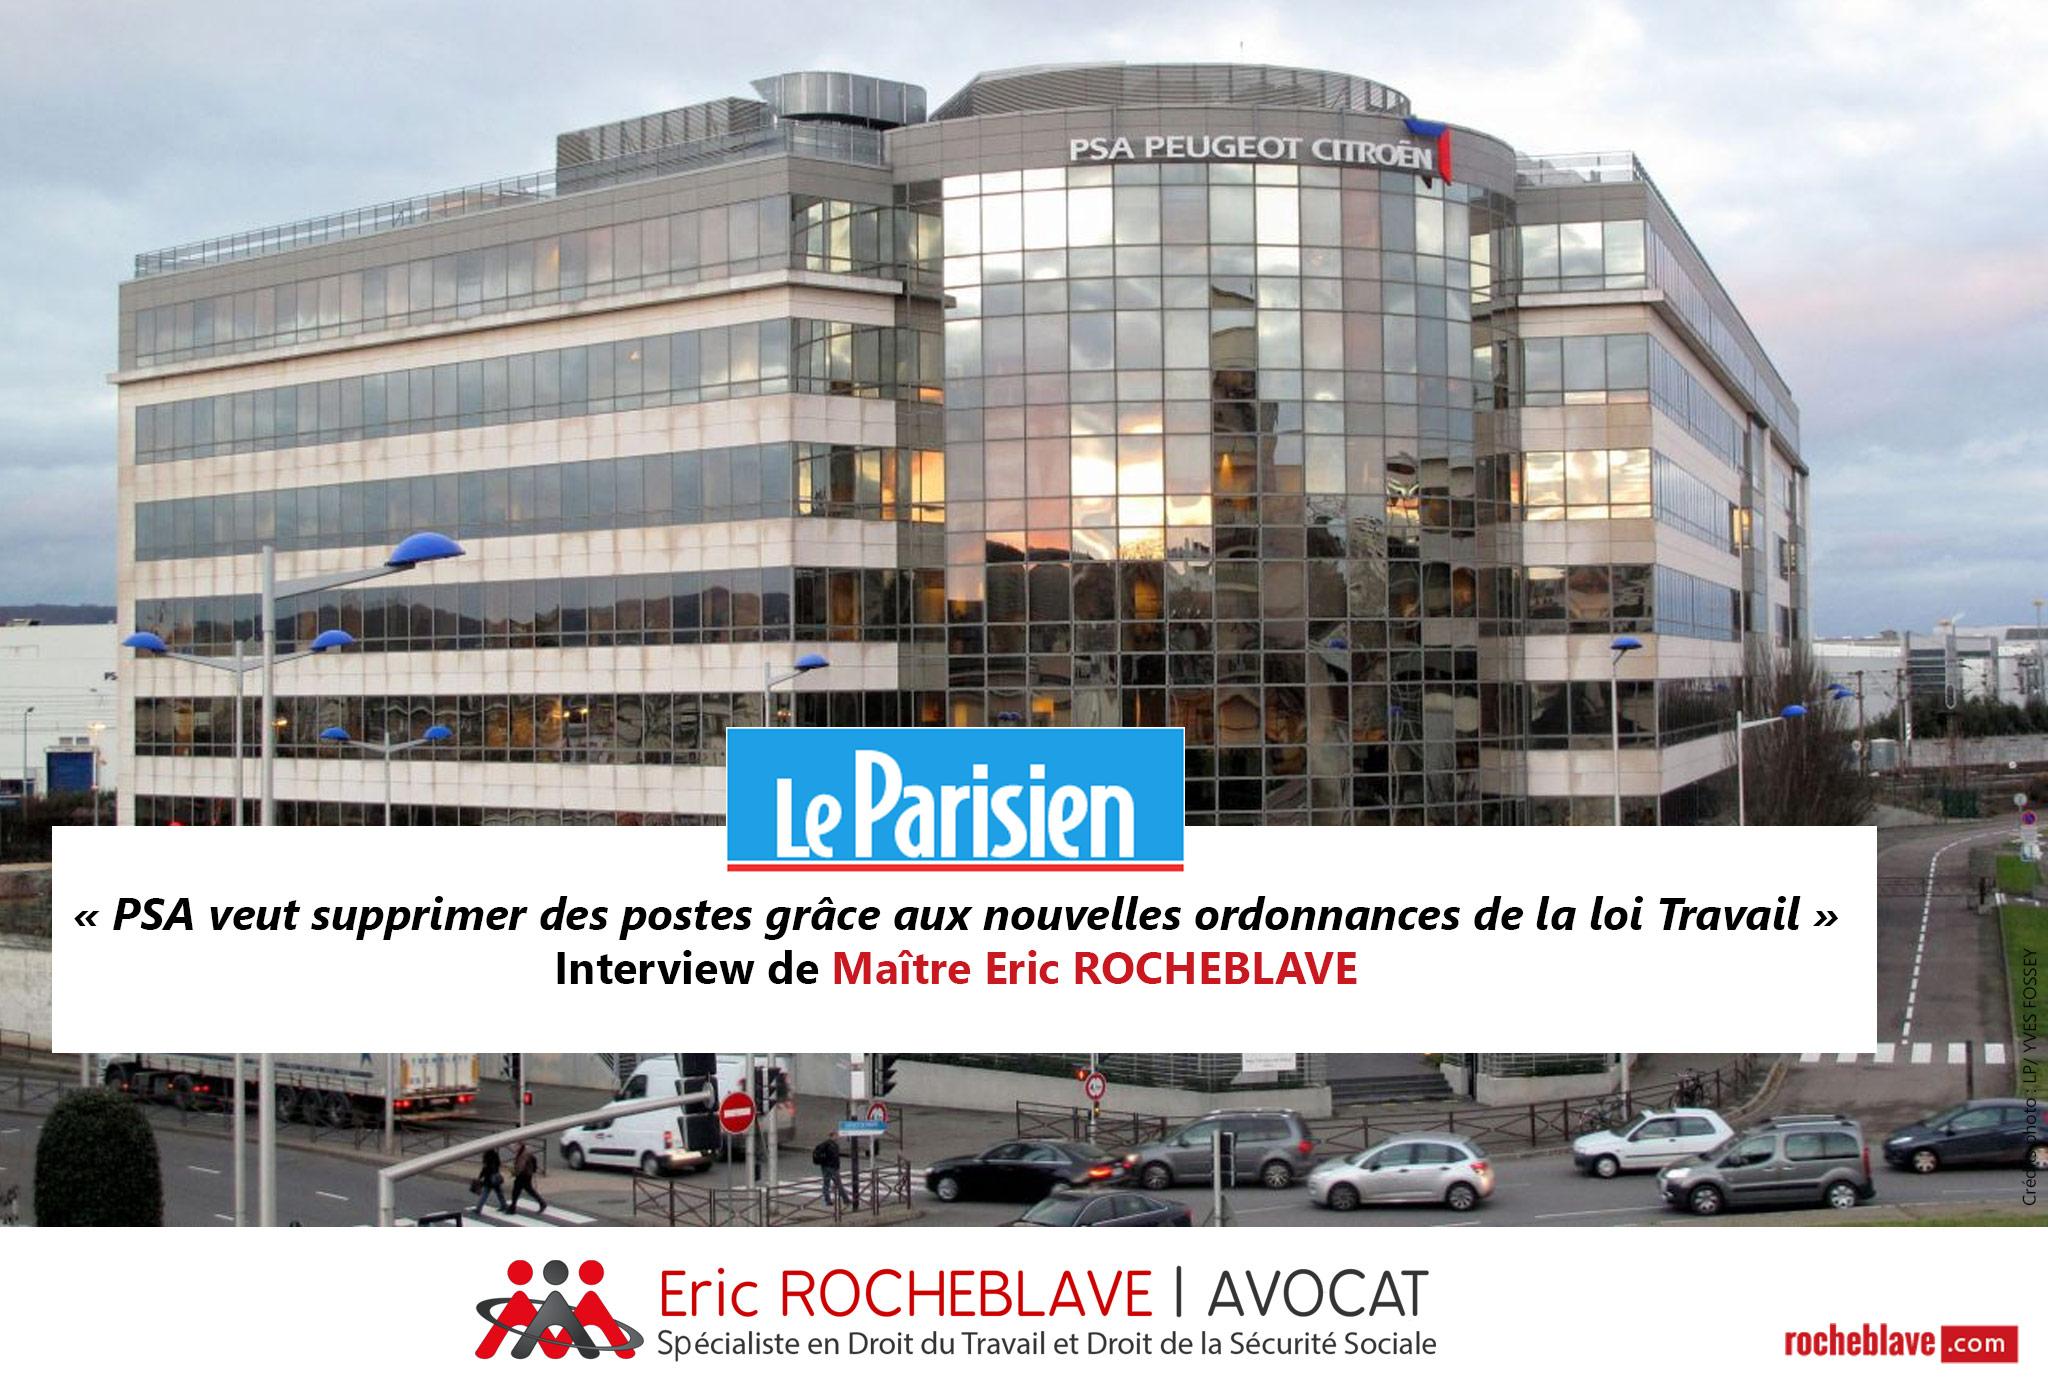 « PSA veut supprimer des postes grâce aux nouvelles ordonnances de la loi Travail » Interview de Maître Eric ROCHEBLAVE | Le Parisien